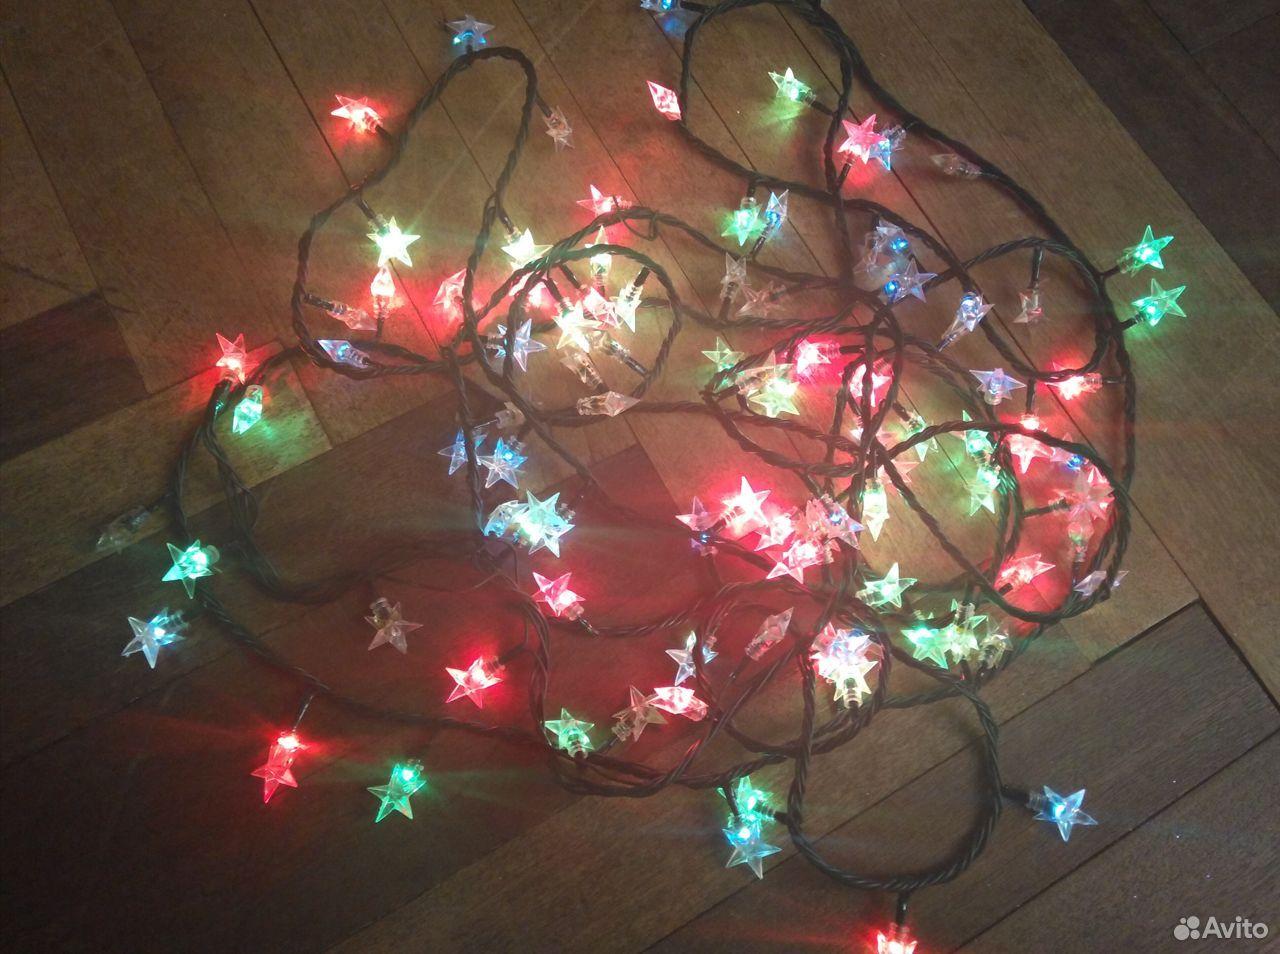 Электрическая гирлянда «Звездочки» (разноцветная)  89959110833 купить 7